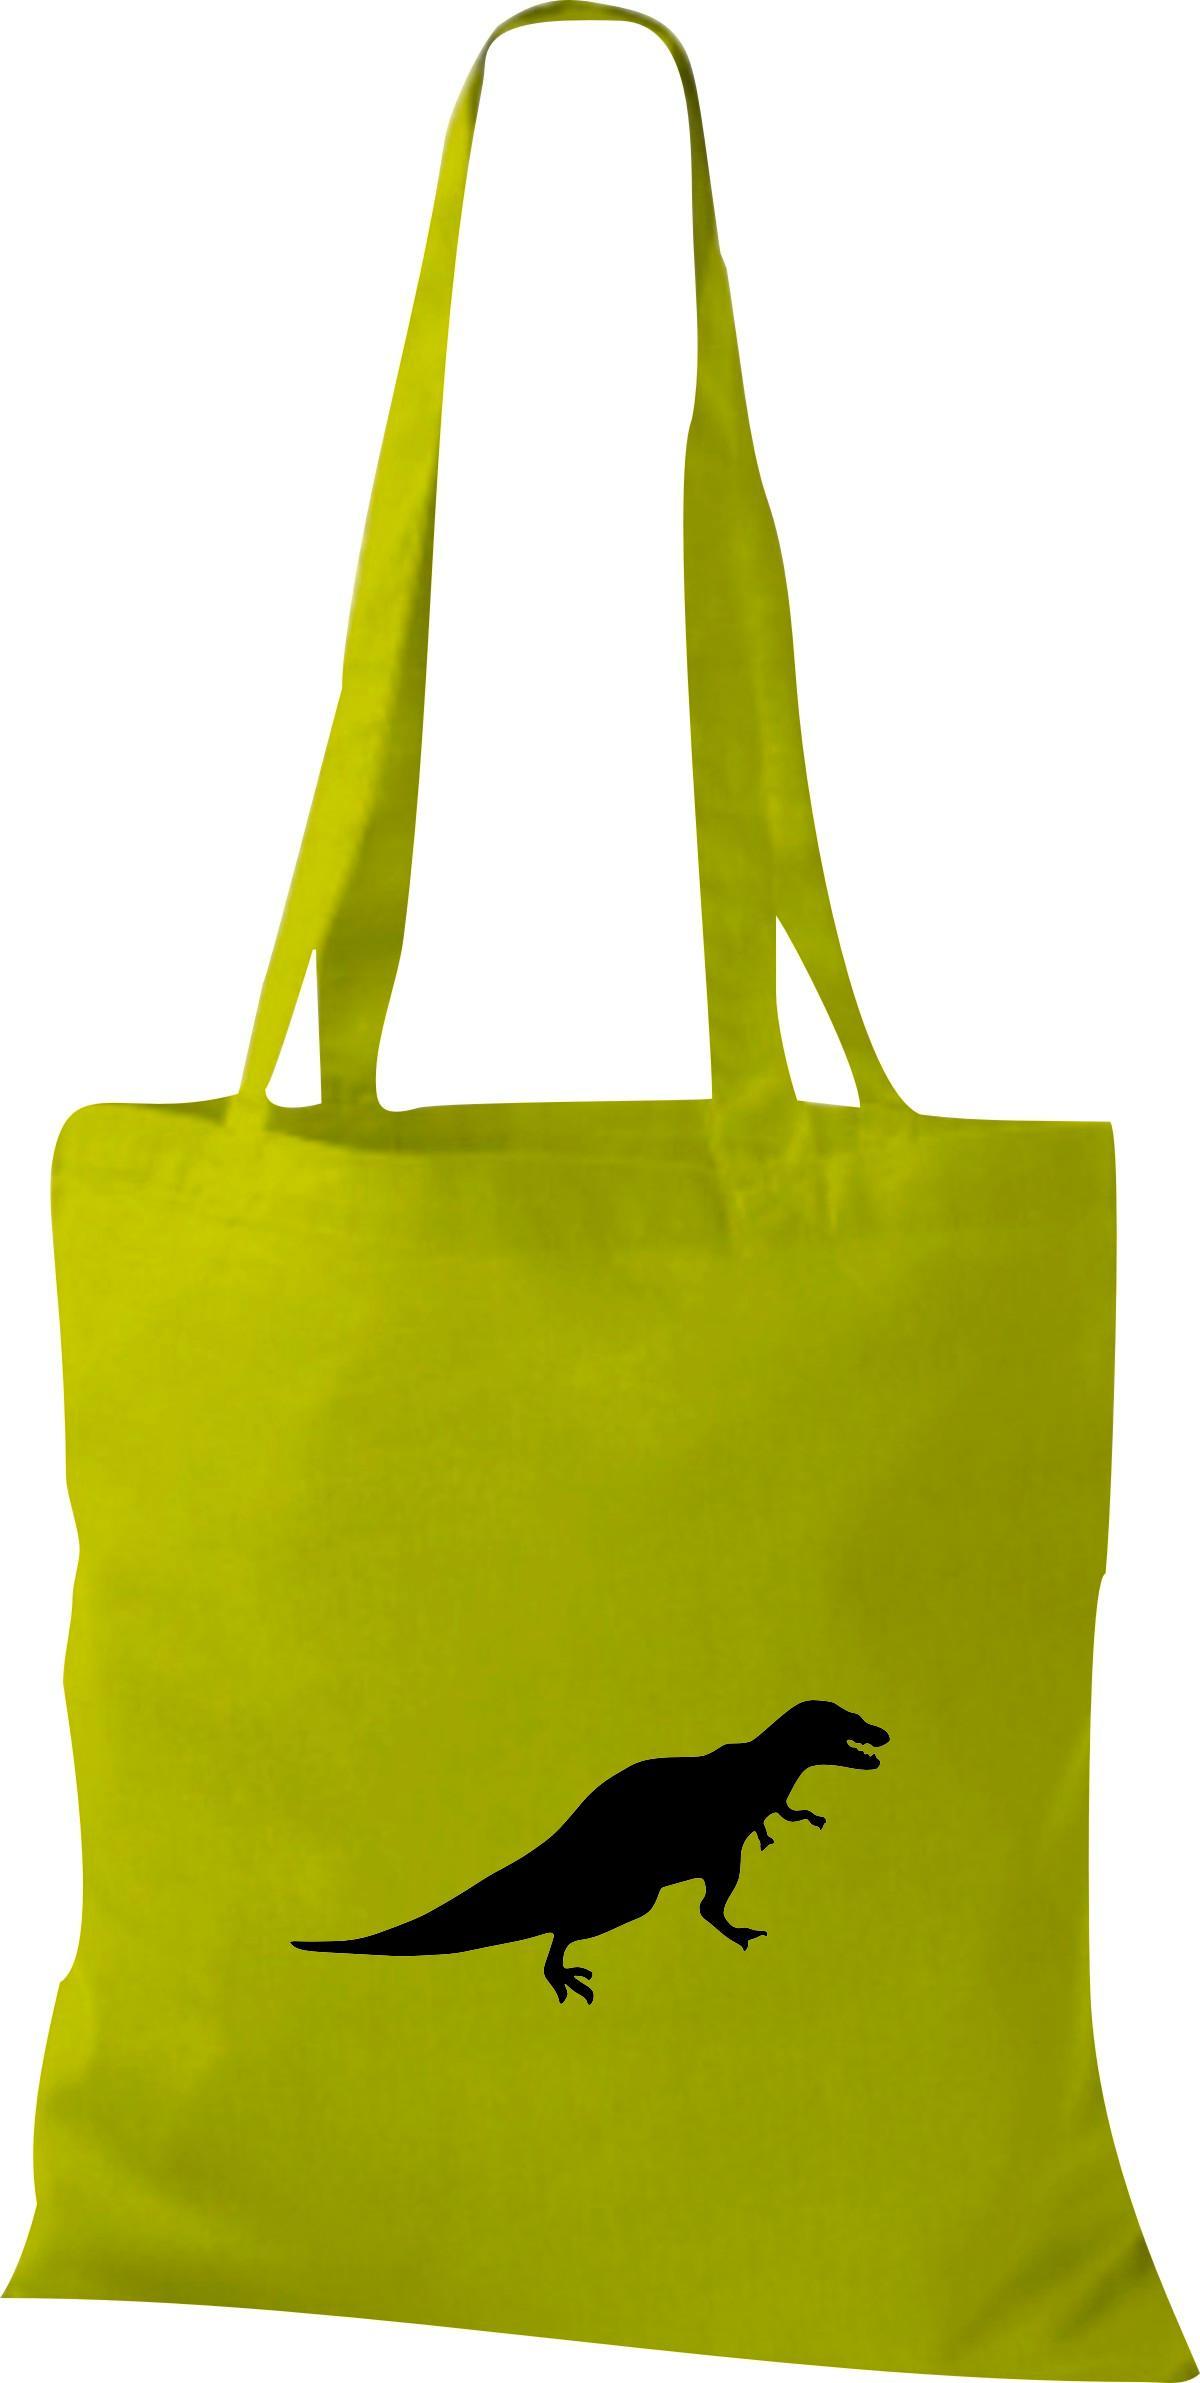 Stoffbeutel lustige Tiermotive, Dino Dinosaurier Kult Baumwolltasche viele Farbe